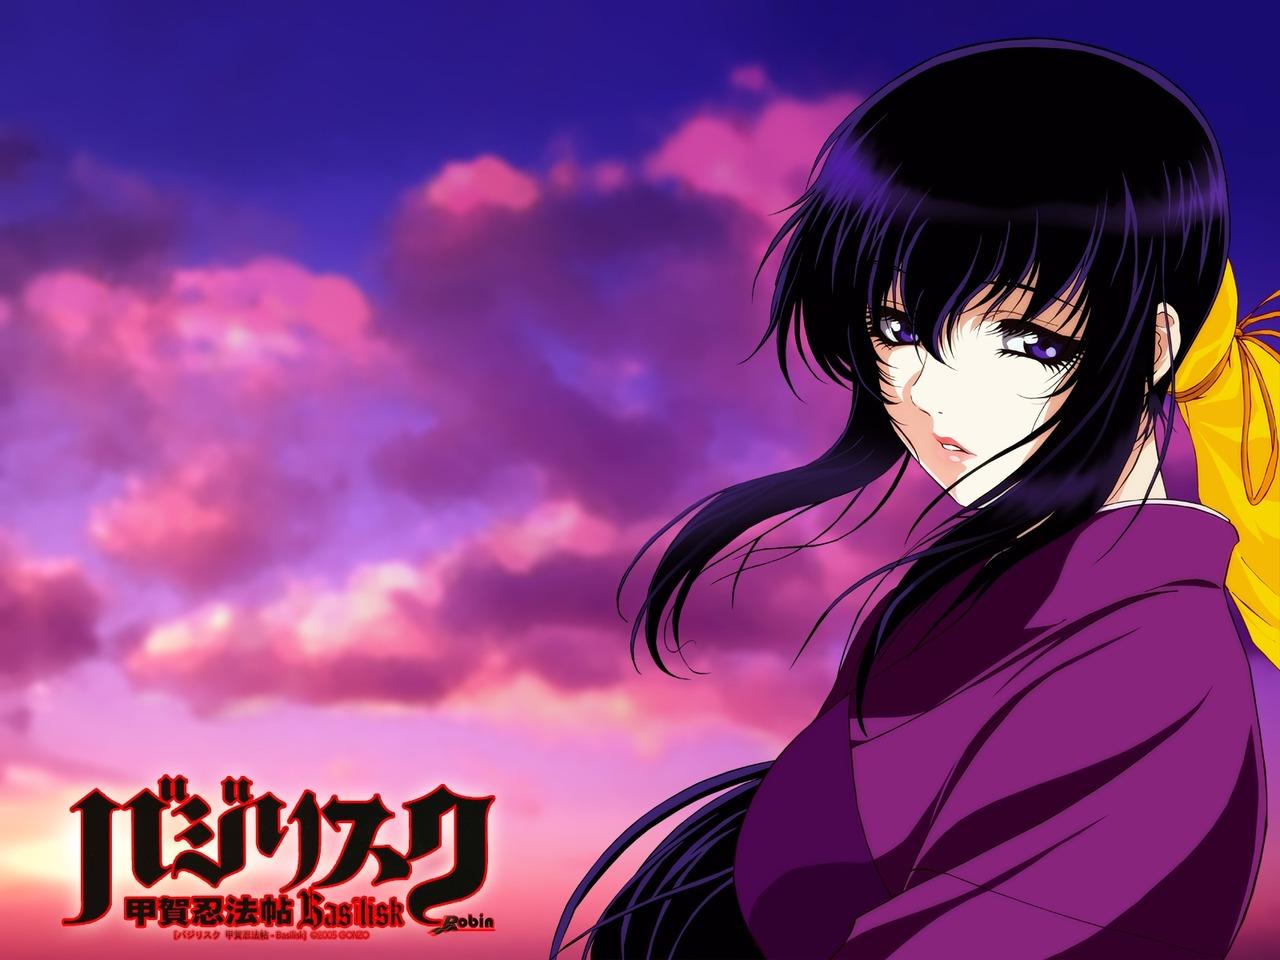 Basilisk Anime Wallpaper # 4